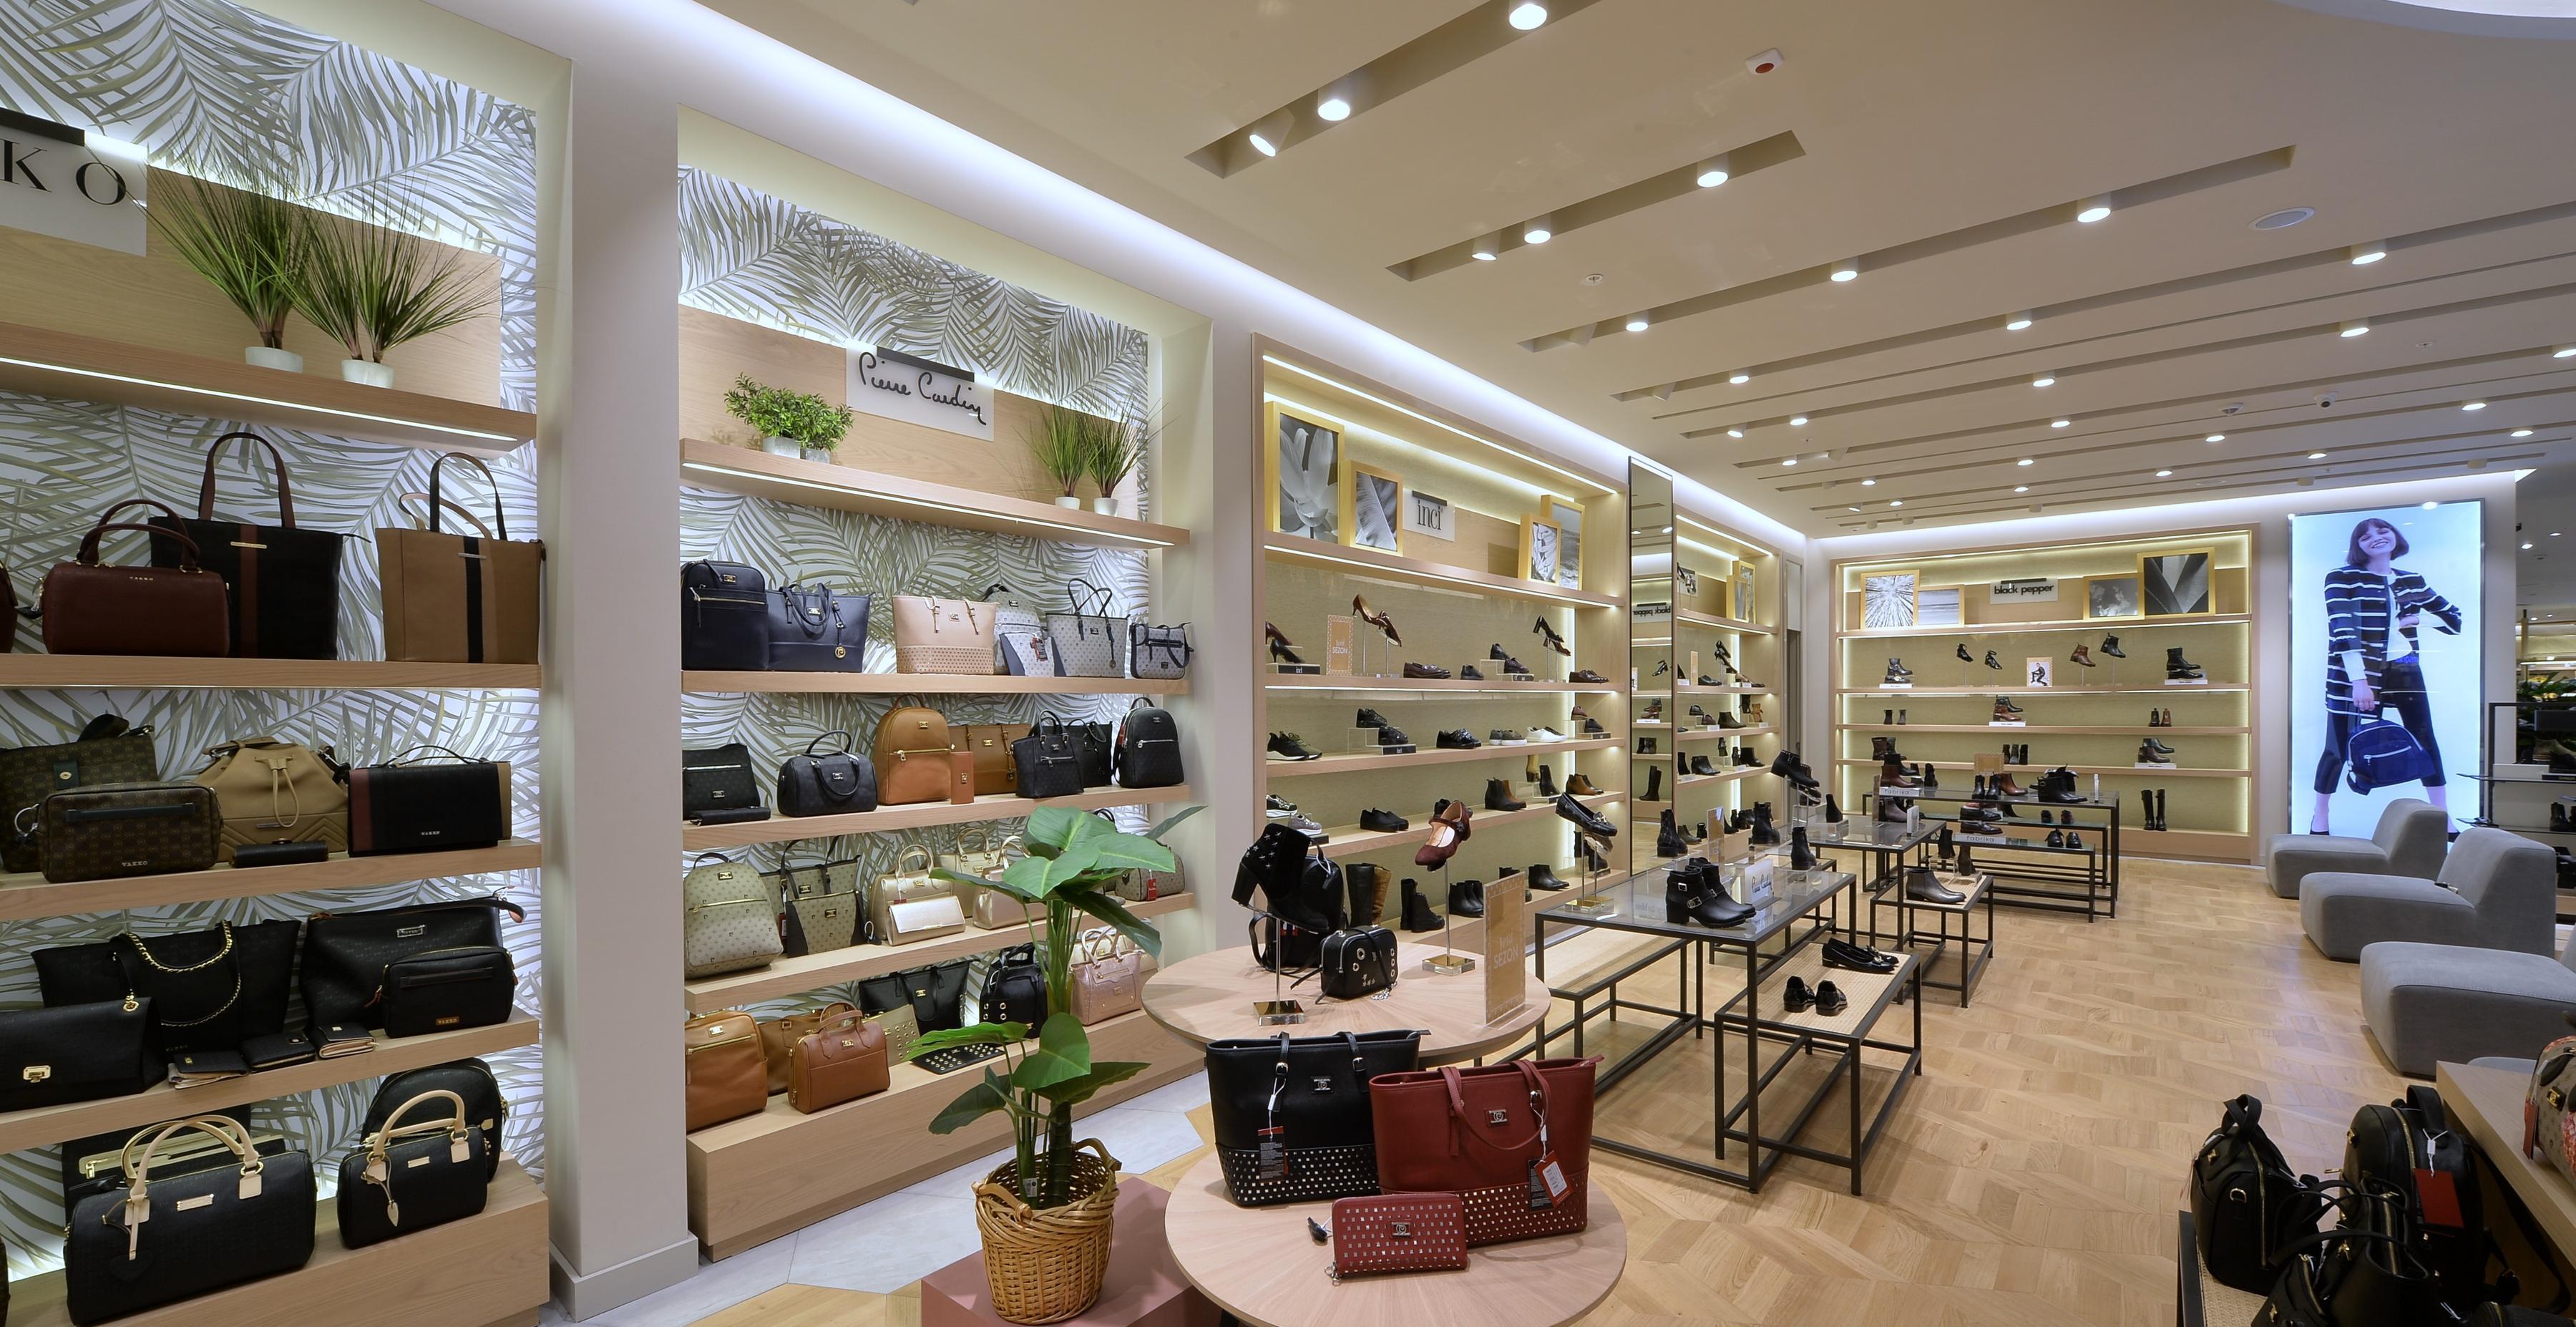 Yeni mağaza konseptiyle büyüyen Boyner'den yatırıma devam